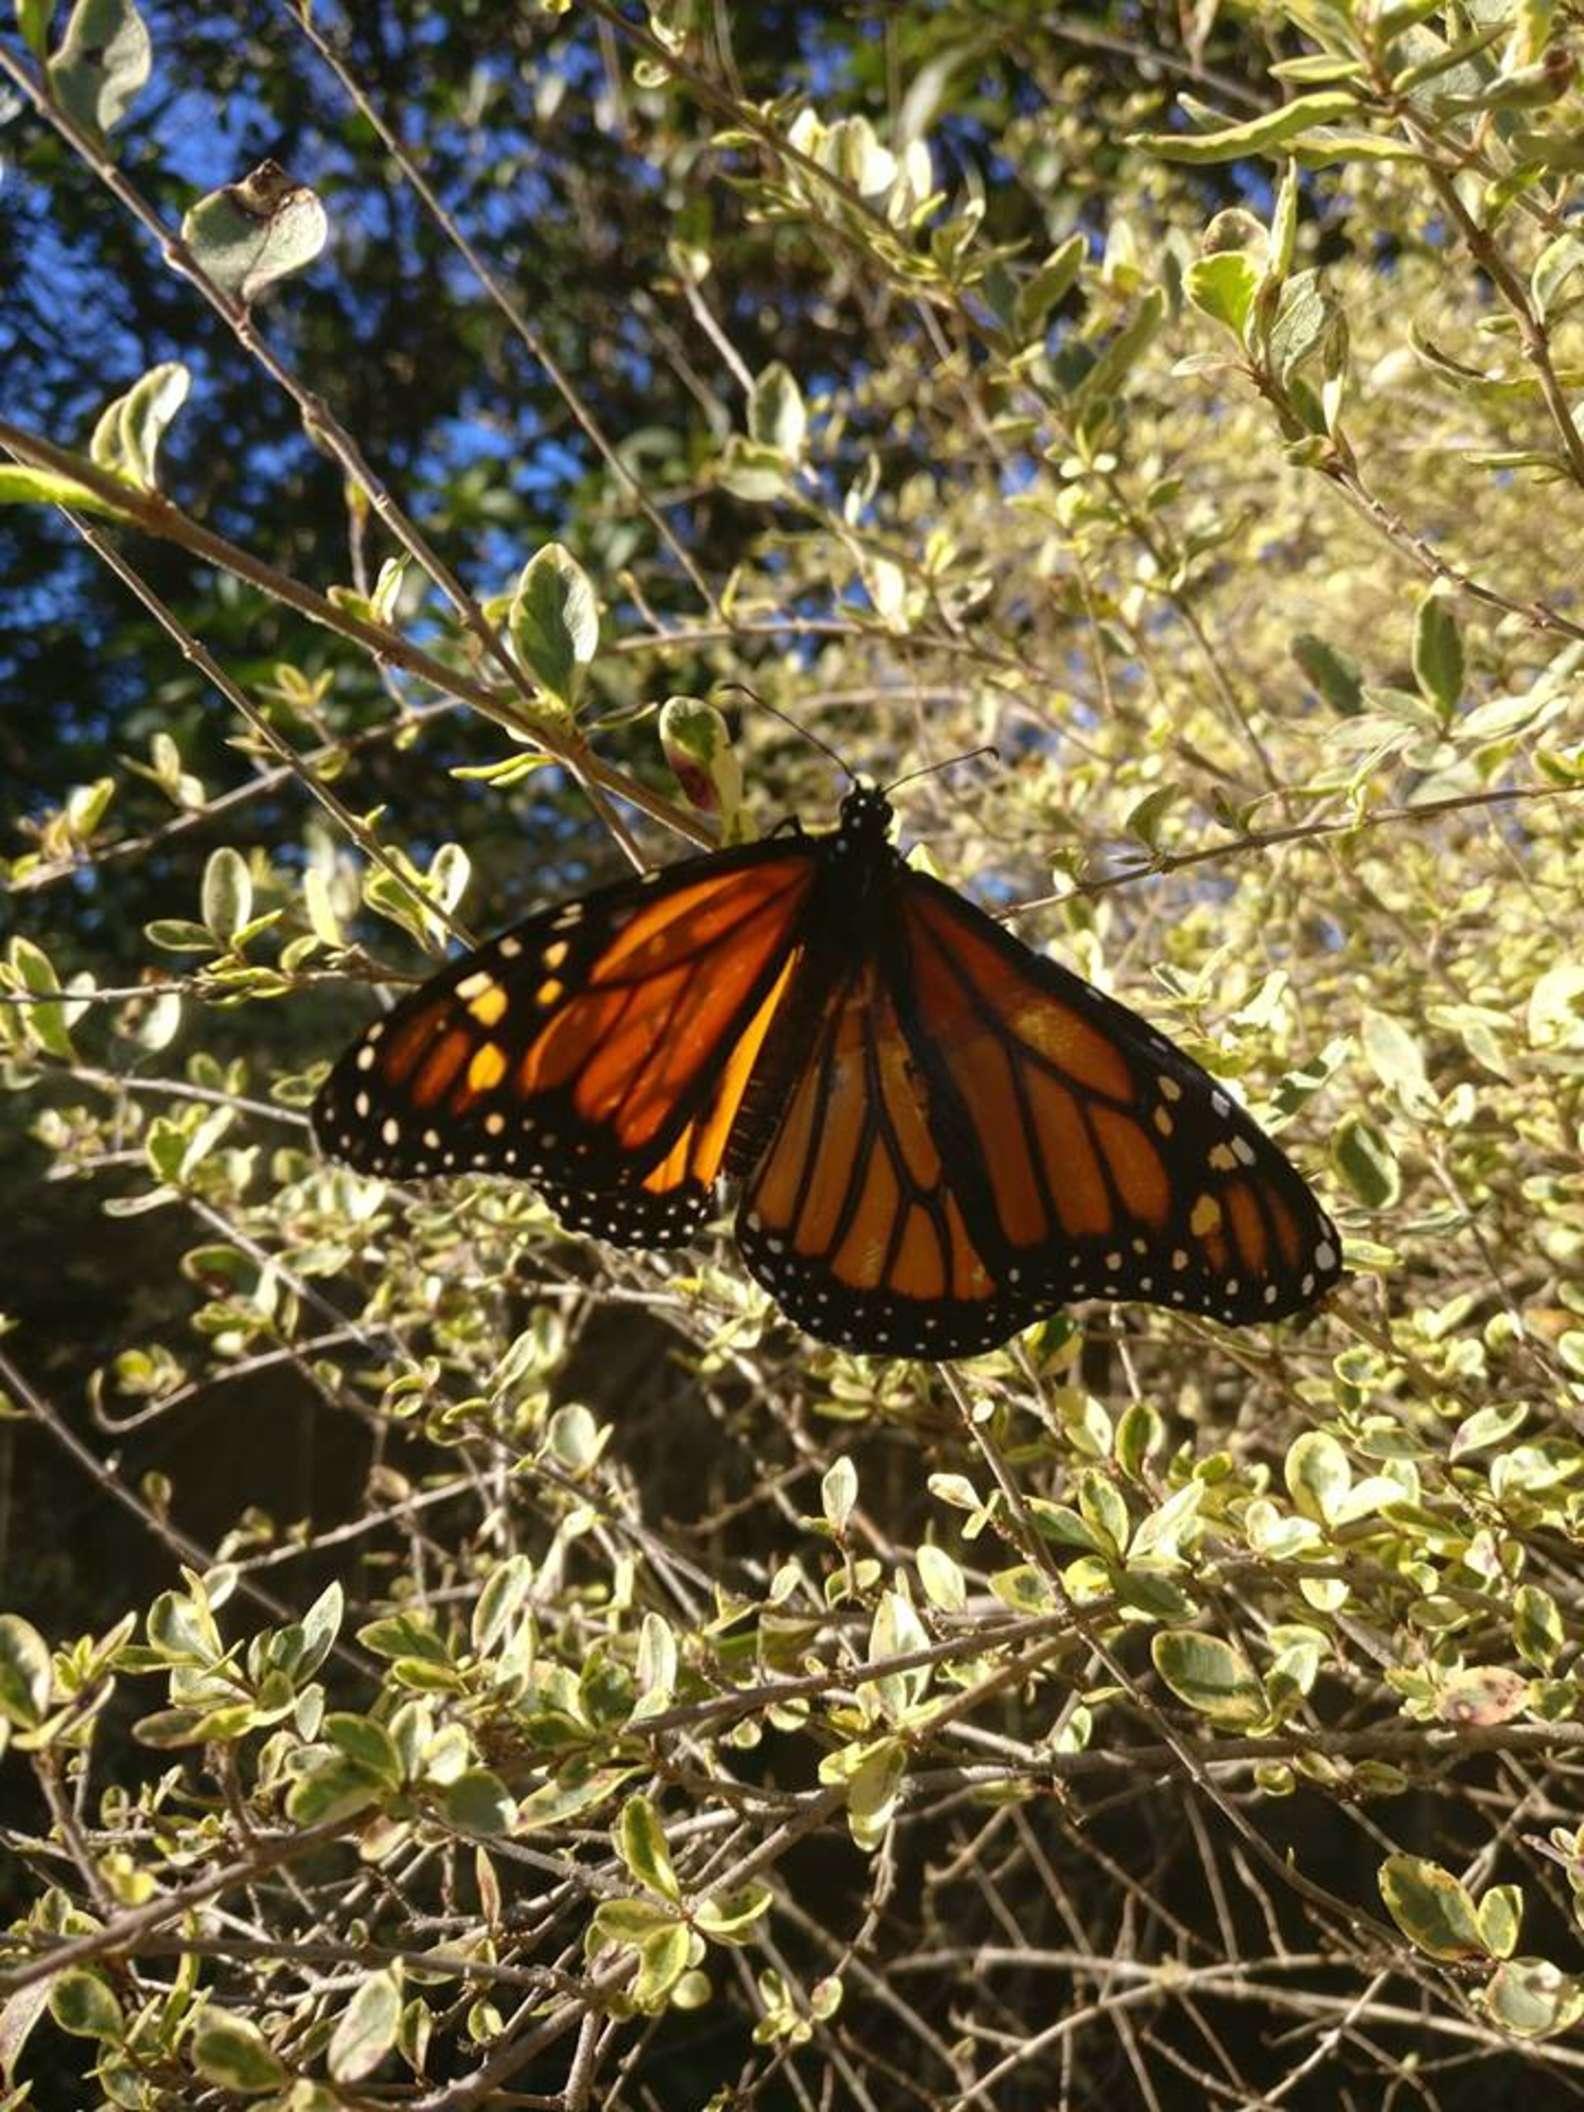 蝴蝶一半翅膀裂開快活不下去 她巧手「修復到像新的」...再一次飛起來!